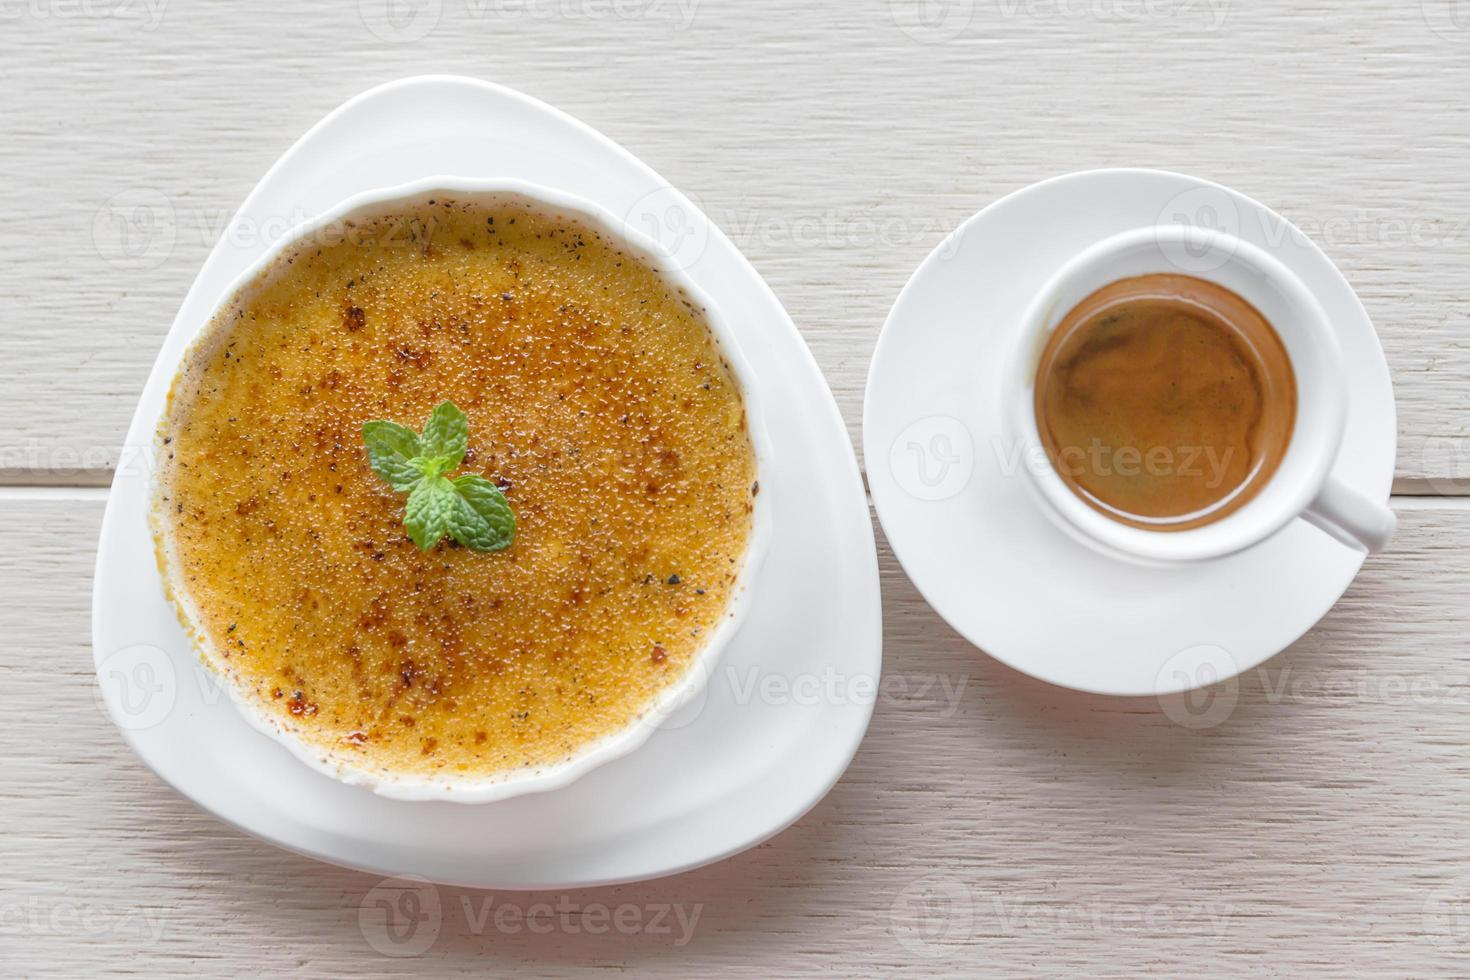 espresso koffiedrank in eenvoudige witte mok - crème brulee foto